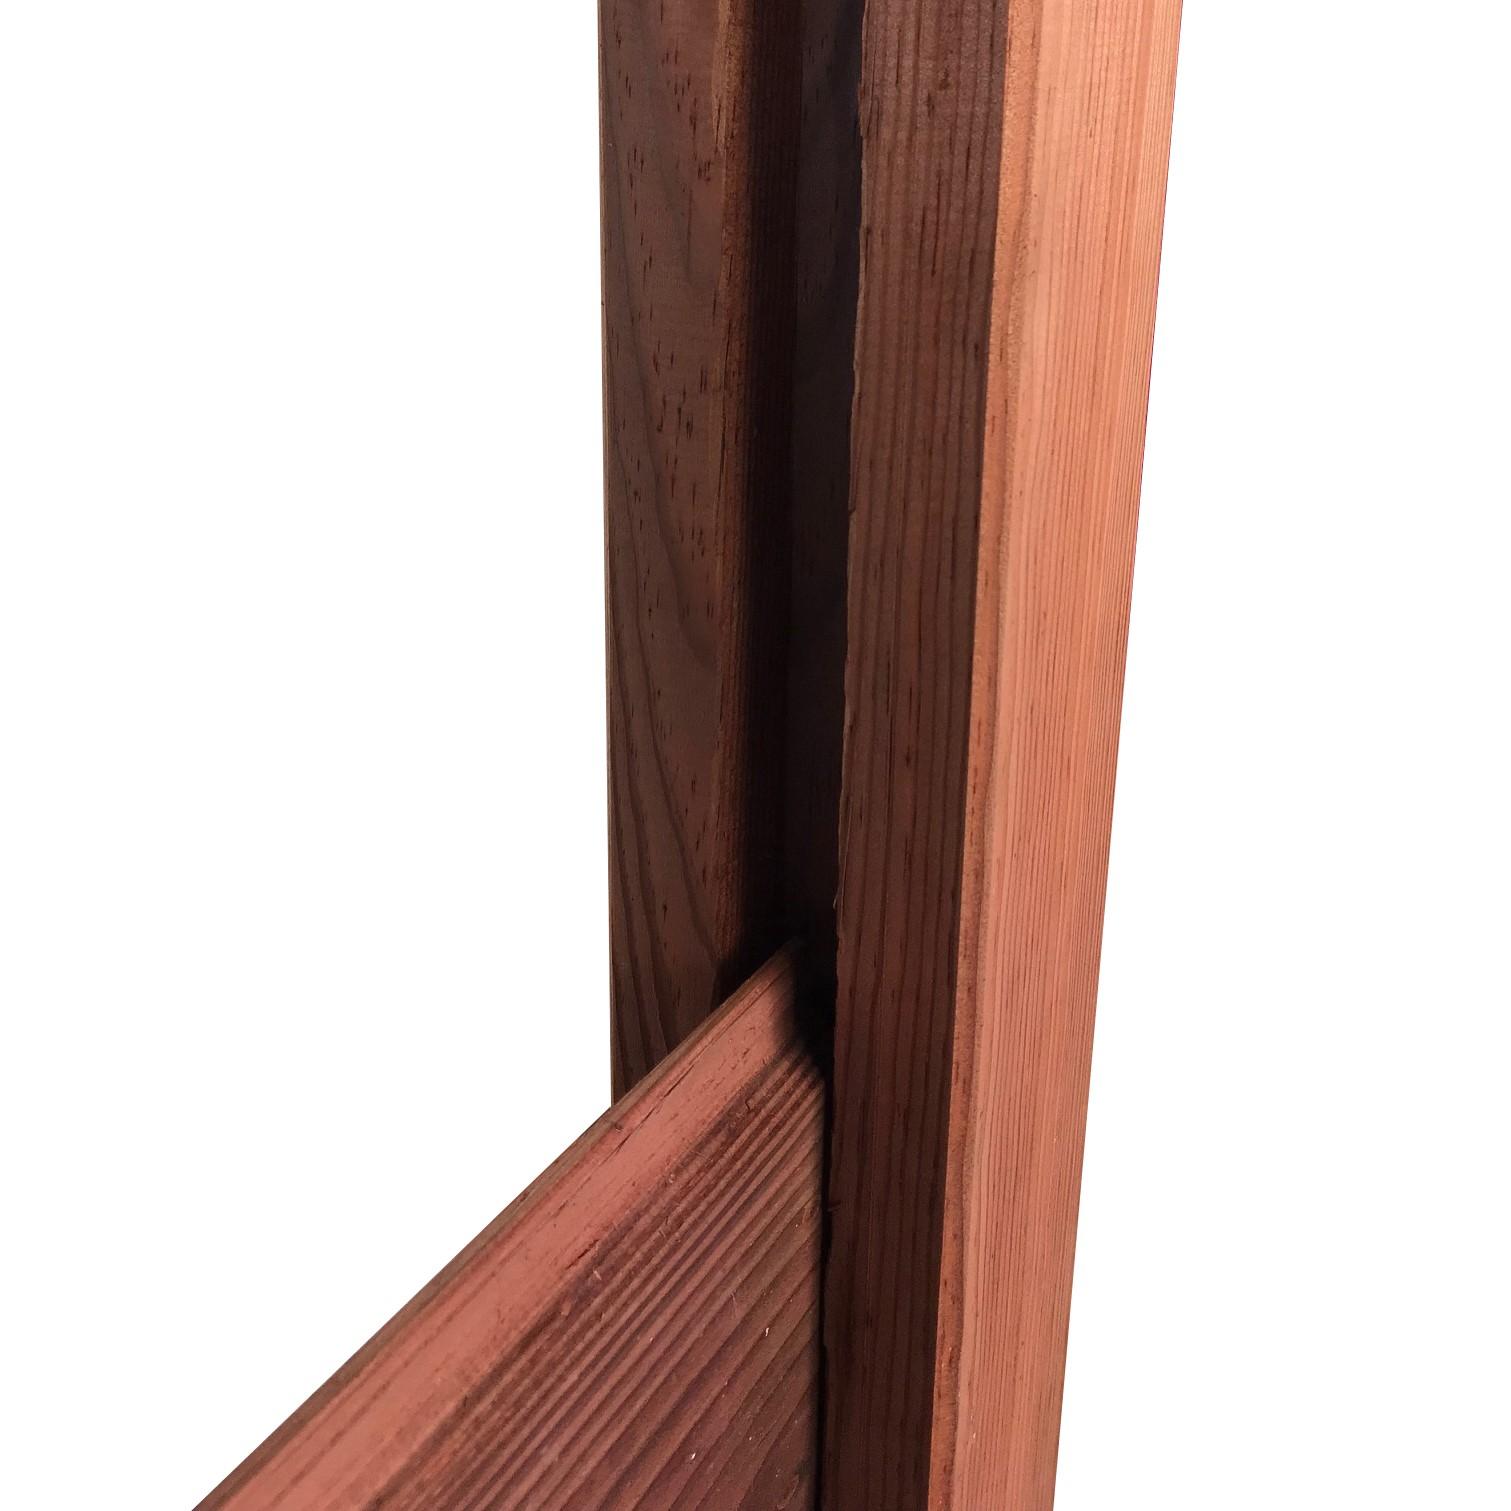 poteaux de jardin 2 40m poteaux bois autoclave marron idea bois nicolas. Black Bedroom Furniture Sets. Home Design Ideas